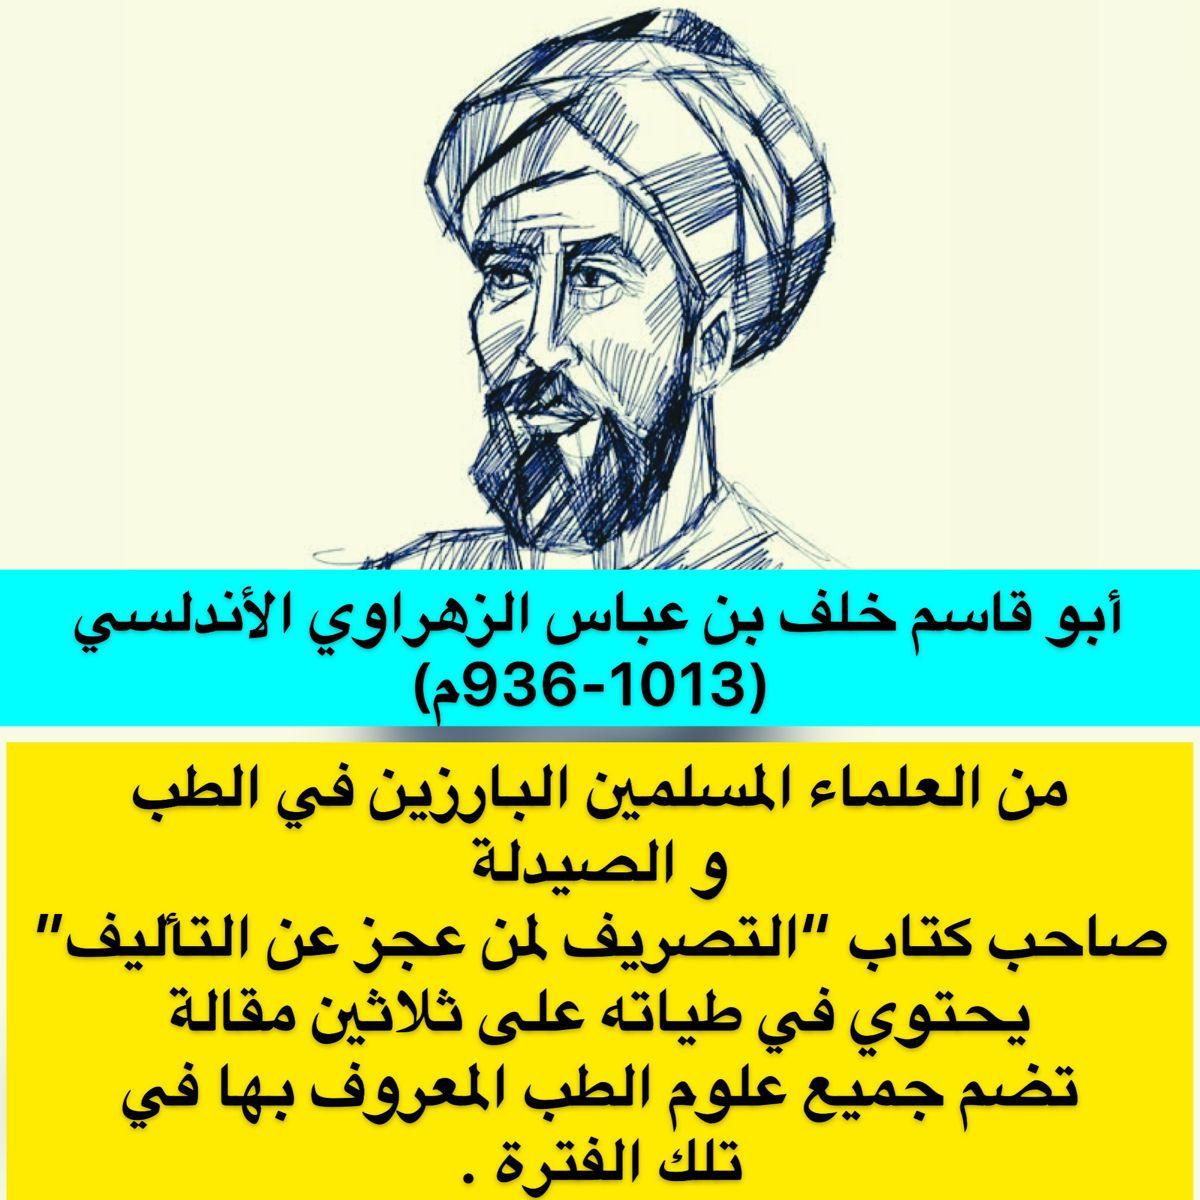 ابو قاسم الزهراوي الاندلسي Movie Posters Memes Poster